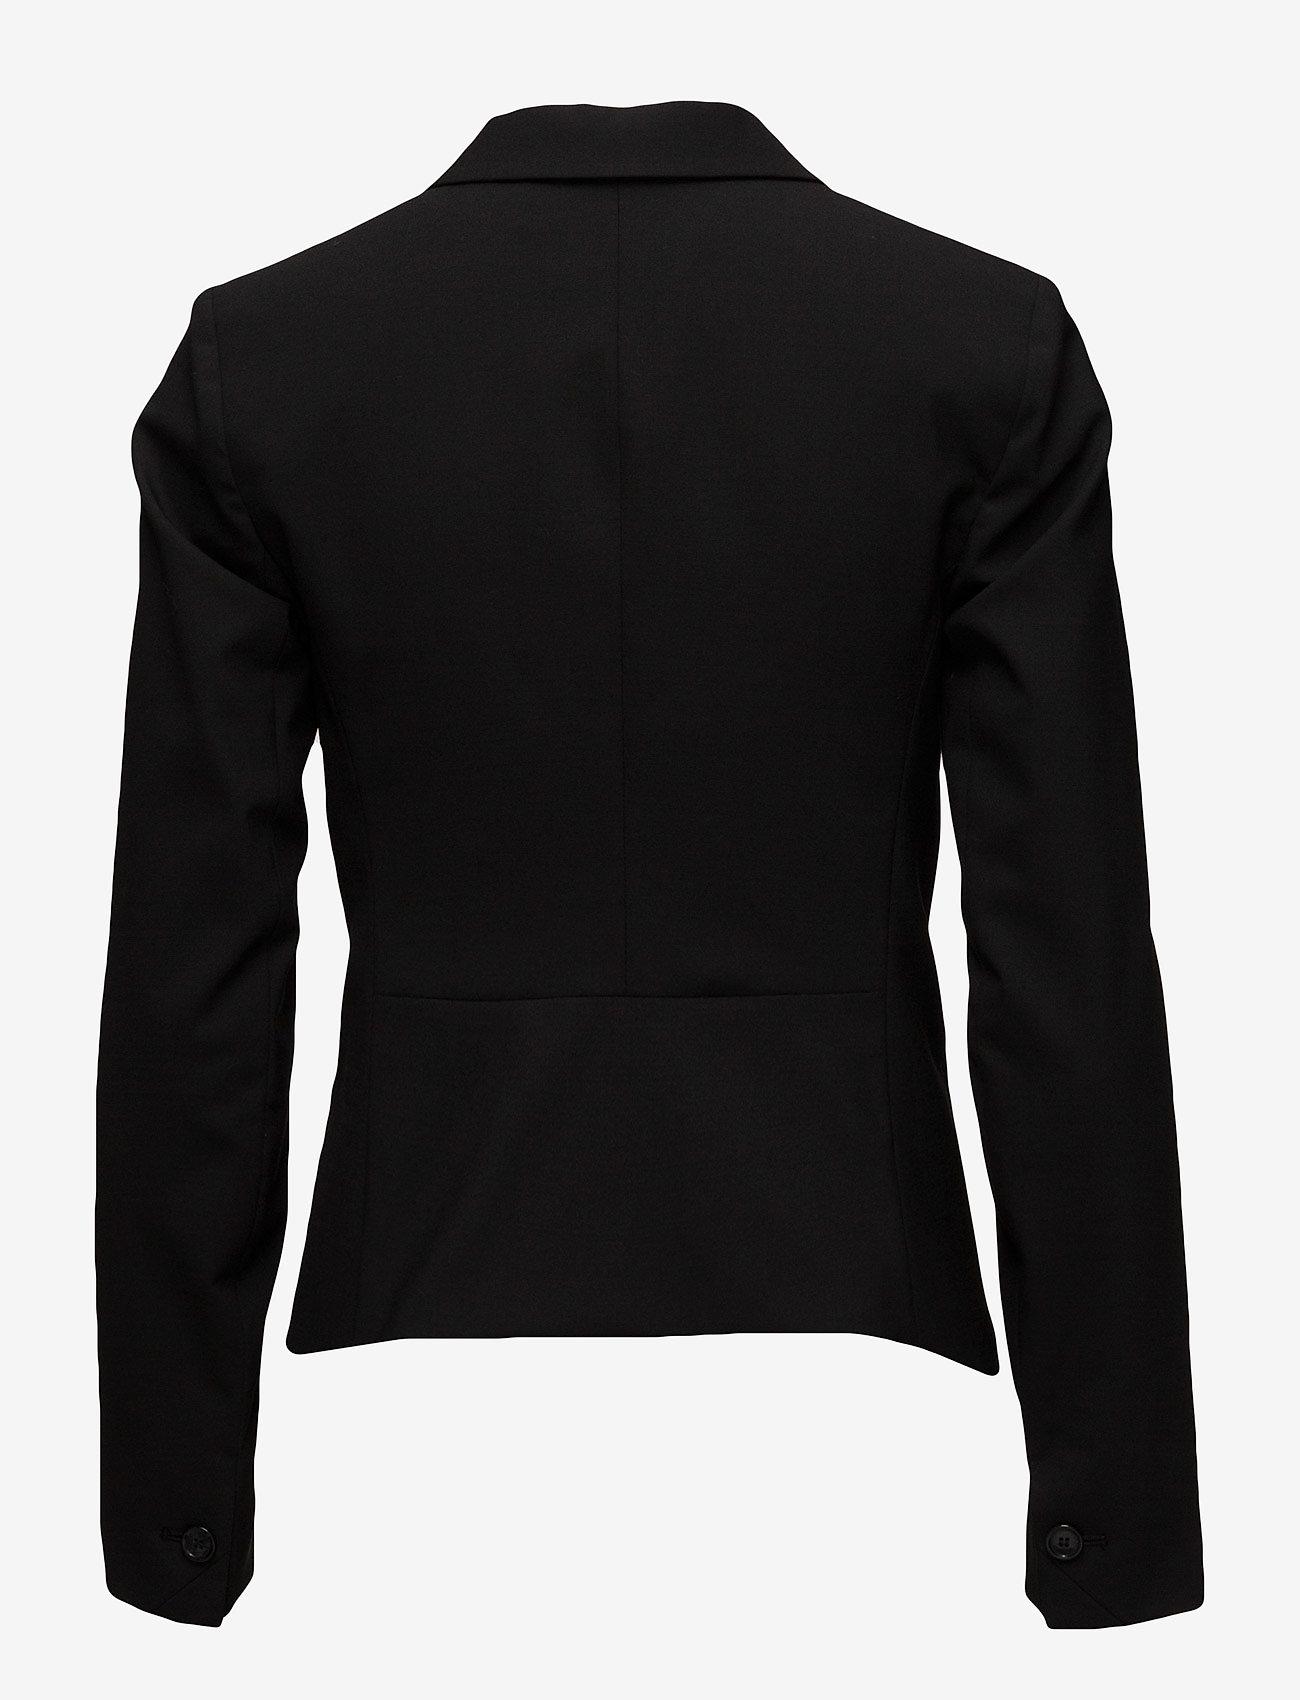 Hope - The One Blazer - kläder - black - 1